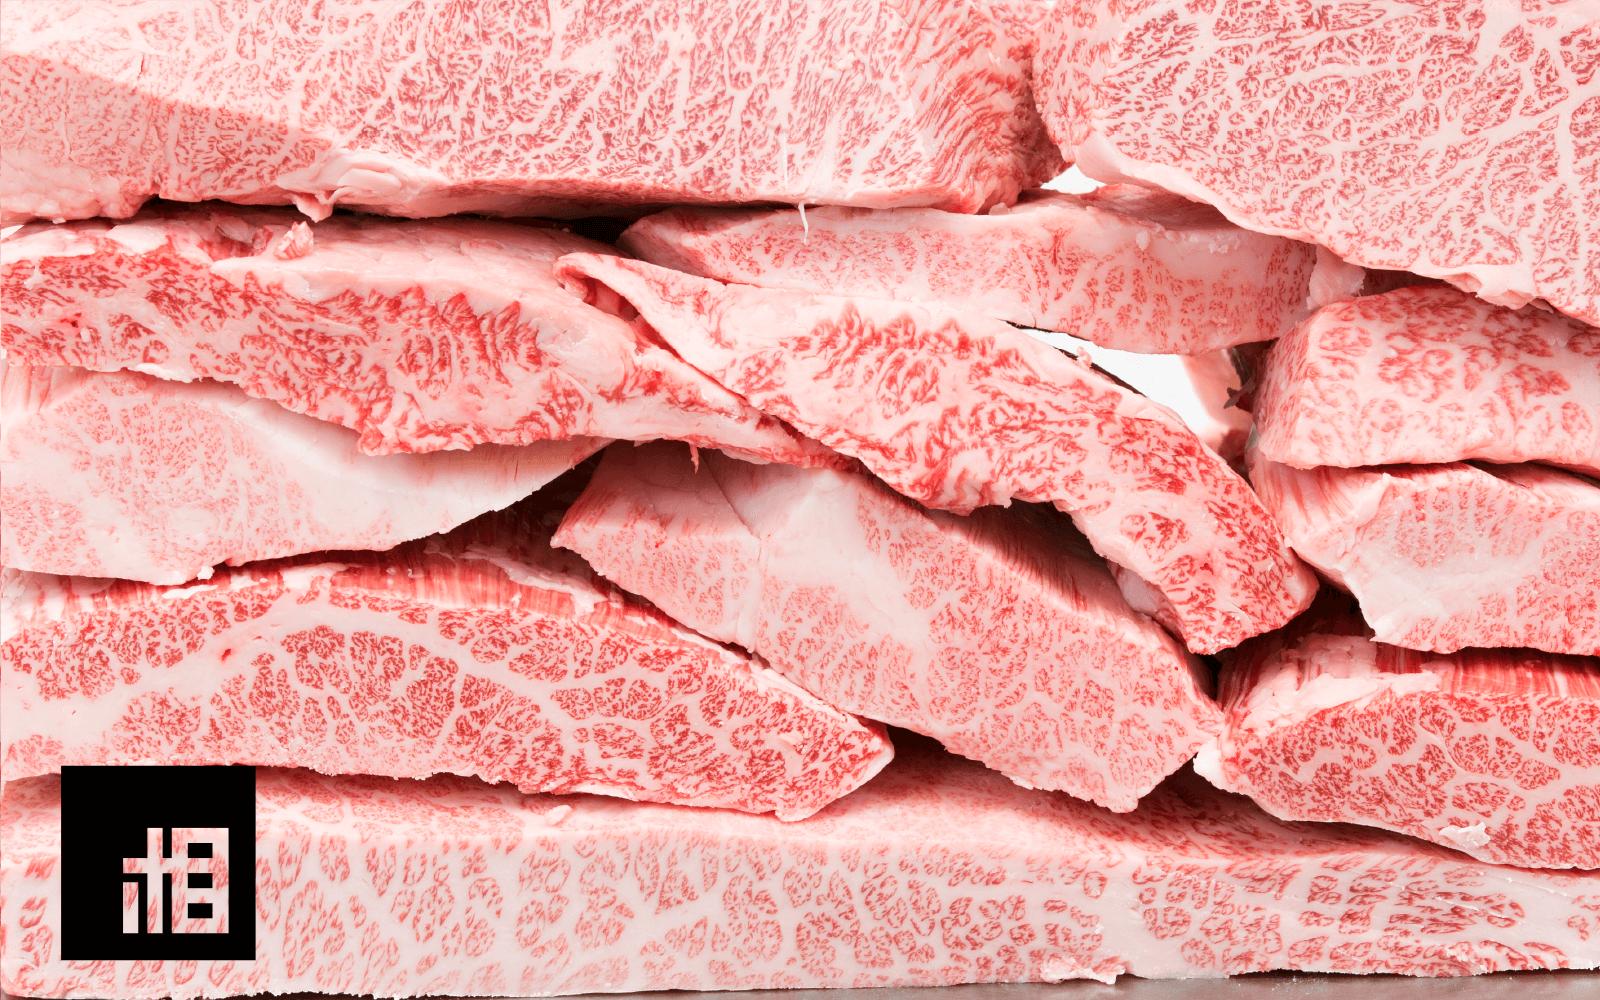 和牛バラ肉特徴